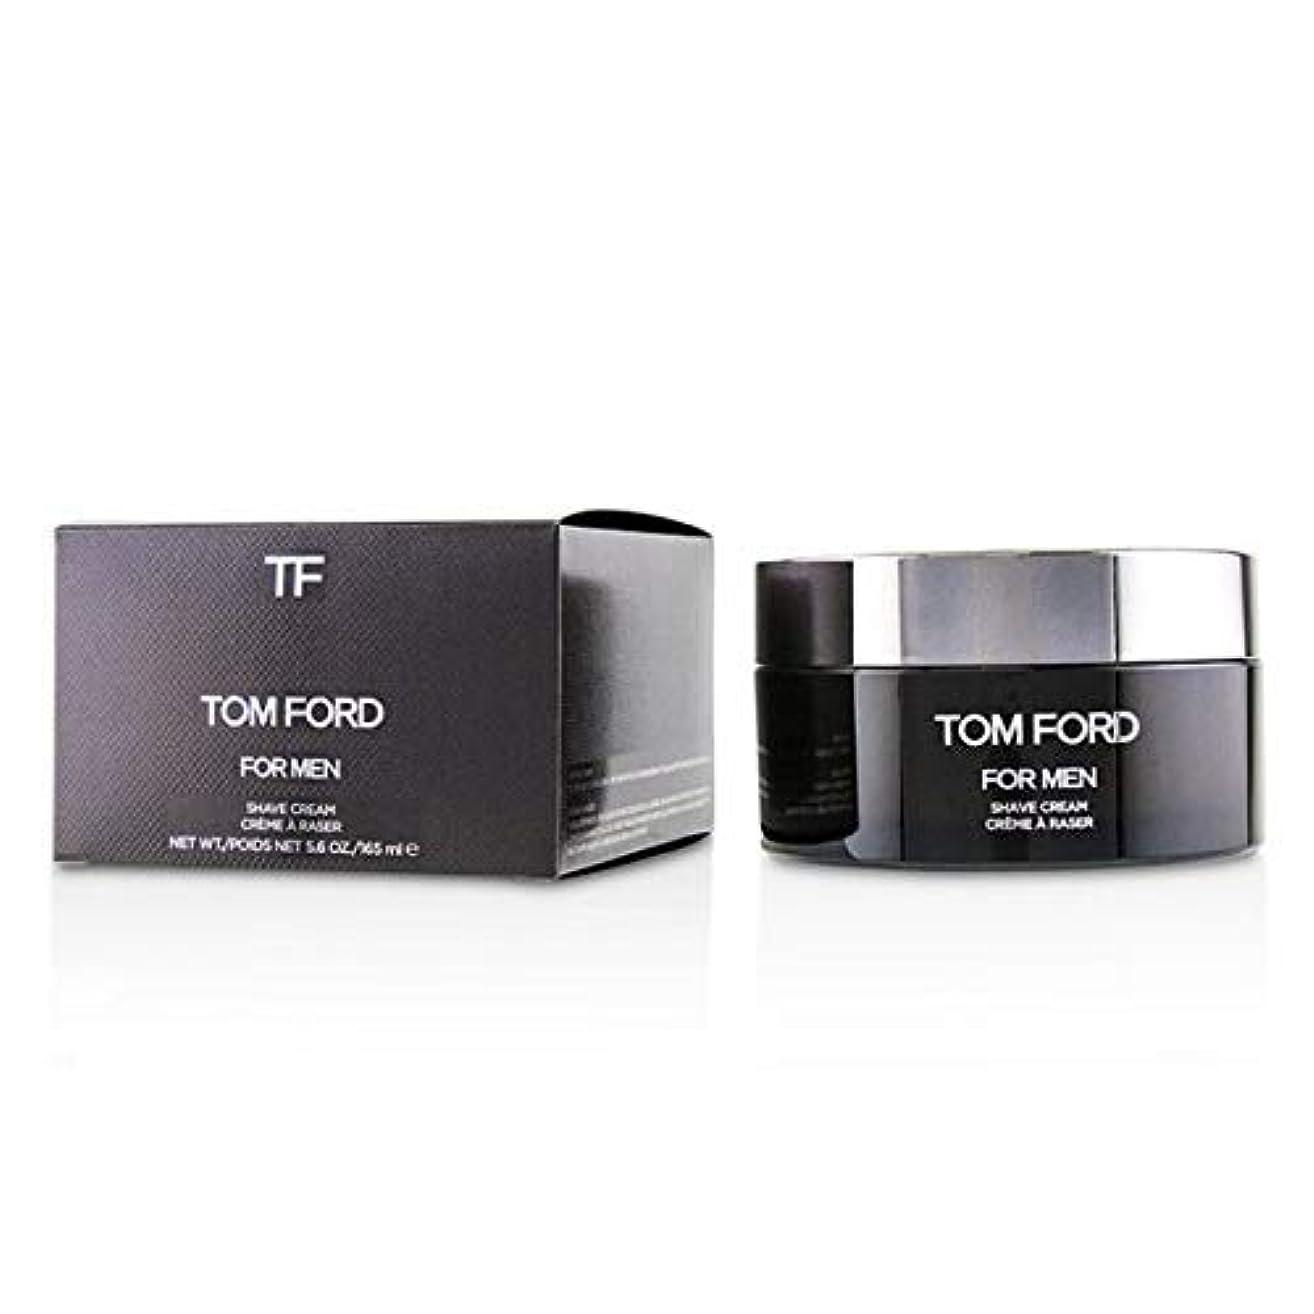 直接理解するまっすぐTom Ford for Men Shave Cream Made in Belgium 165ml / トムフォードメンズフォーシェーブクリームベルギー製165ml